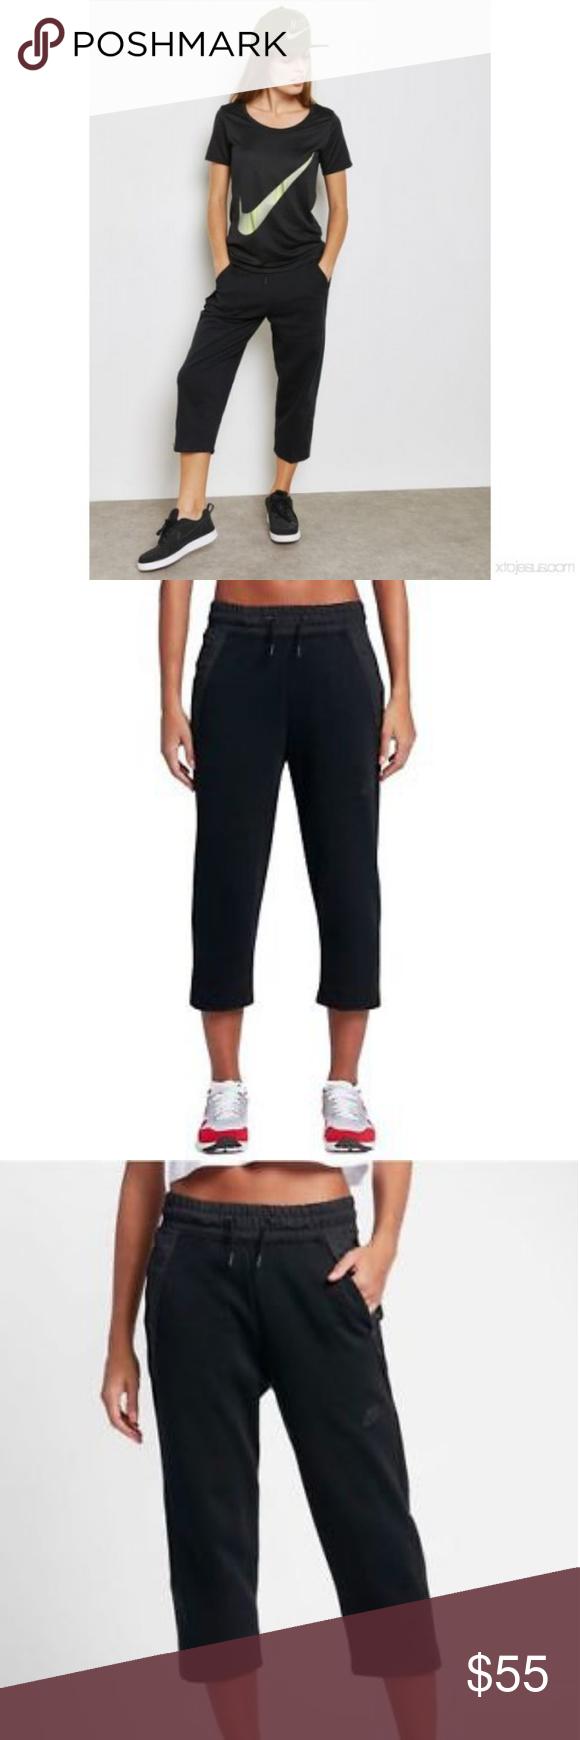 Nike Sportswear Tech Fleece Pant Nike Color/Pattern Black